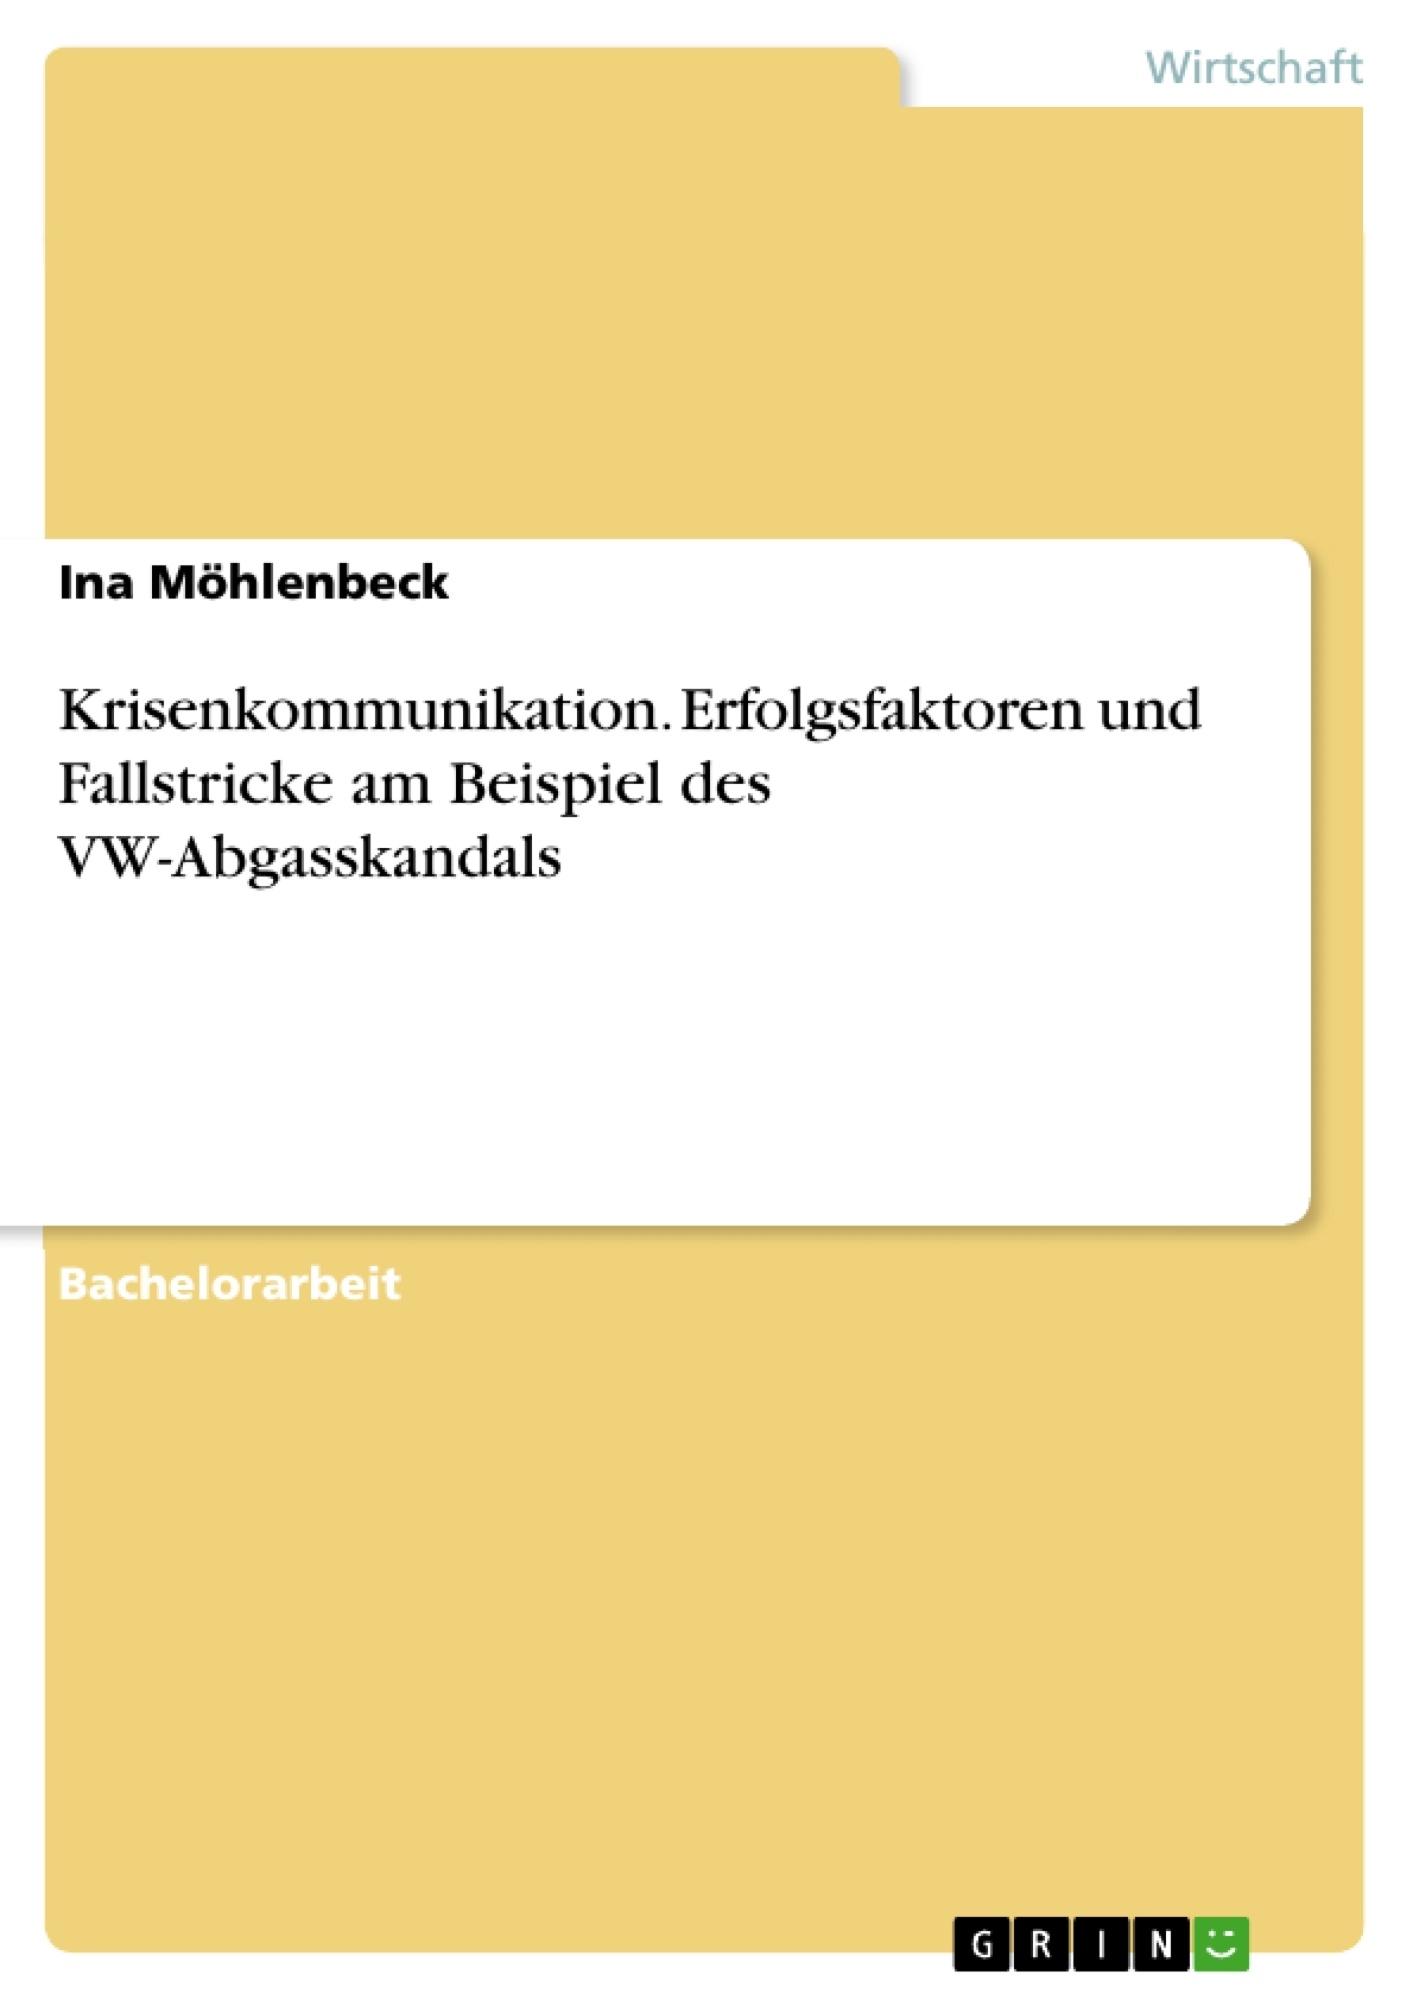 Titel: Krisenkommunikation. Erfolgsfaktoren und Fallstricke am Beispiel des VW-Abgasskandals